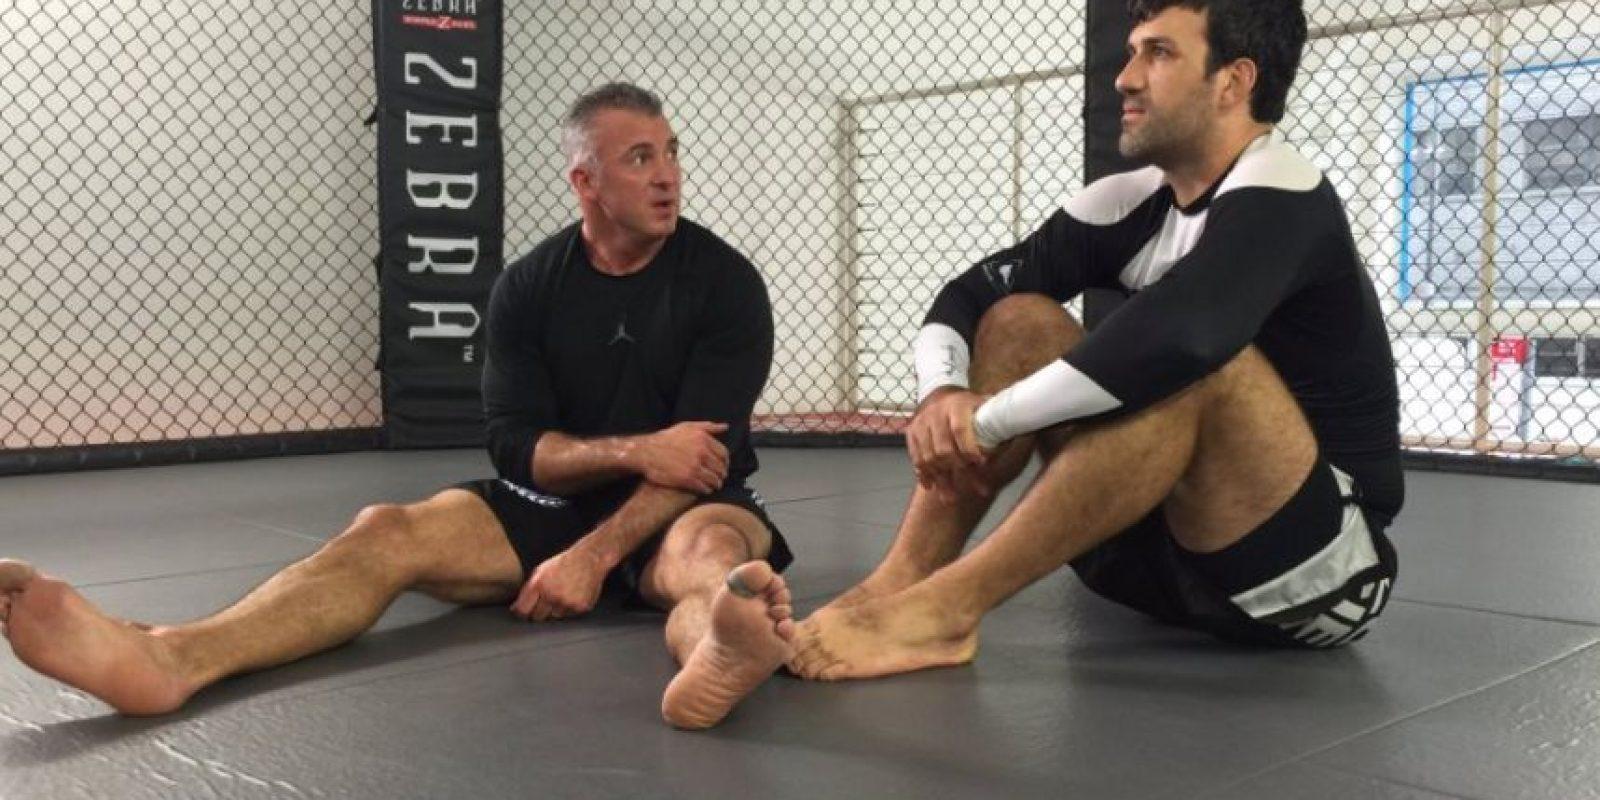 Shane se ha puesto en forma con entrenamientos de Muay Thai y artes marciales mixtas Foto:WWE